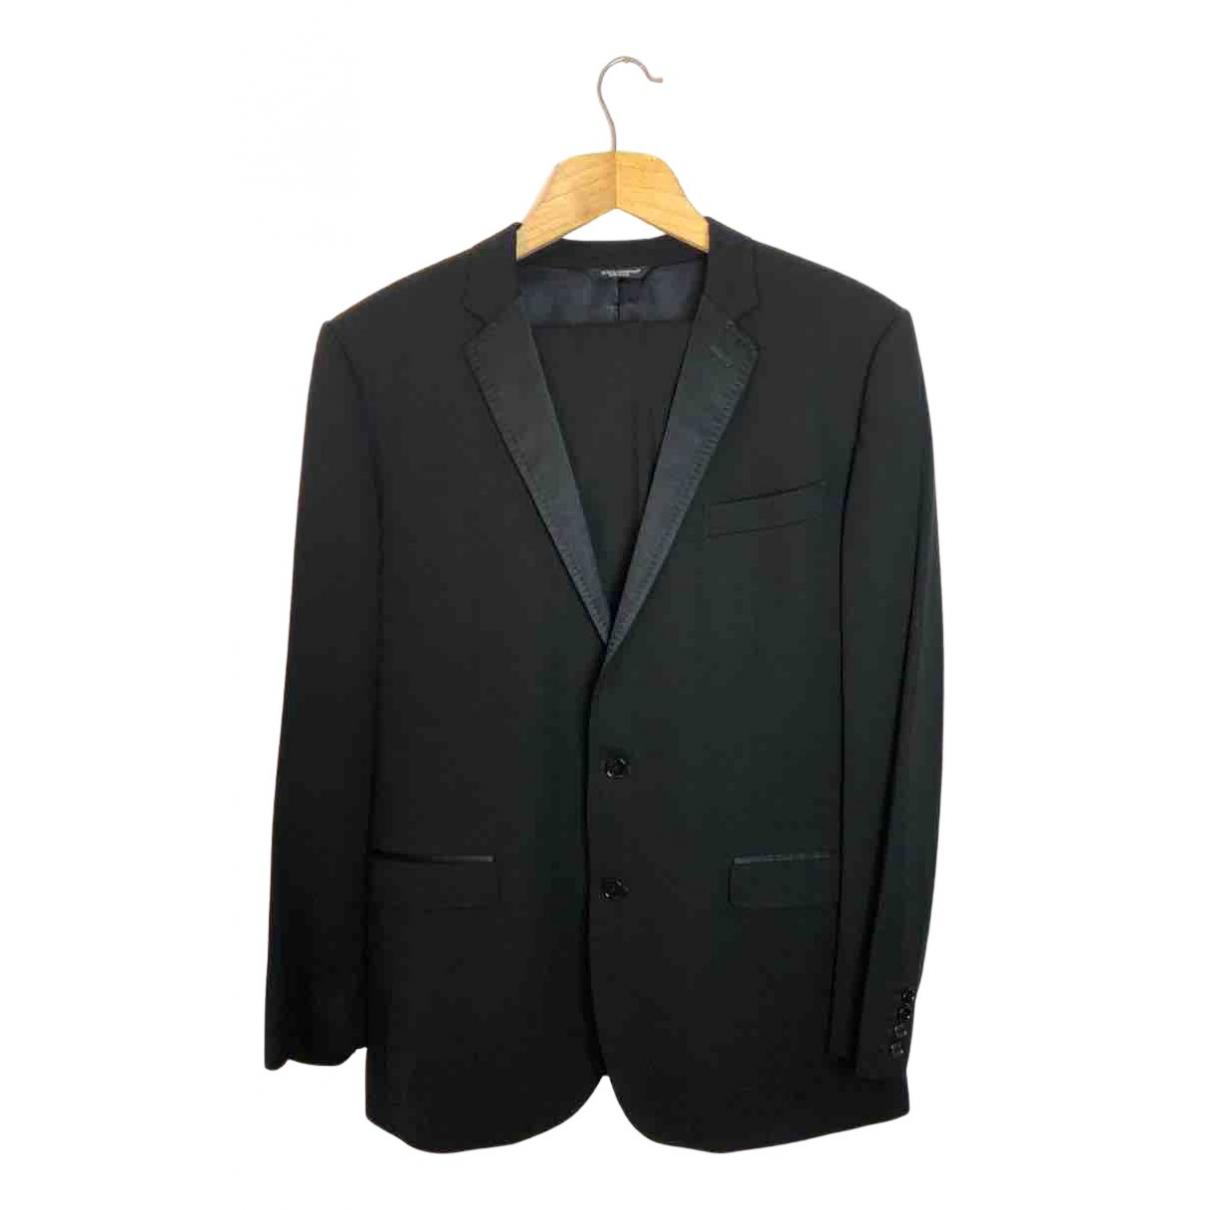 Dolce & Gabbana N Black Wool Suits for Men 54 FR